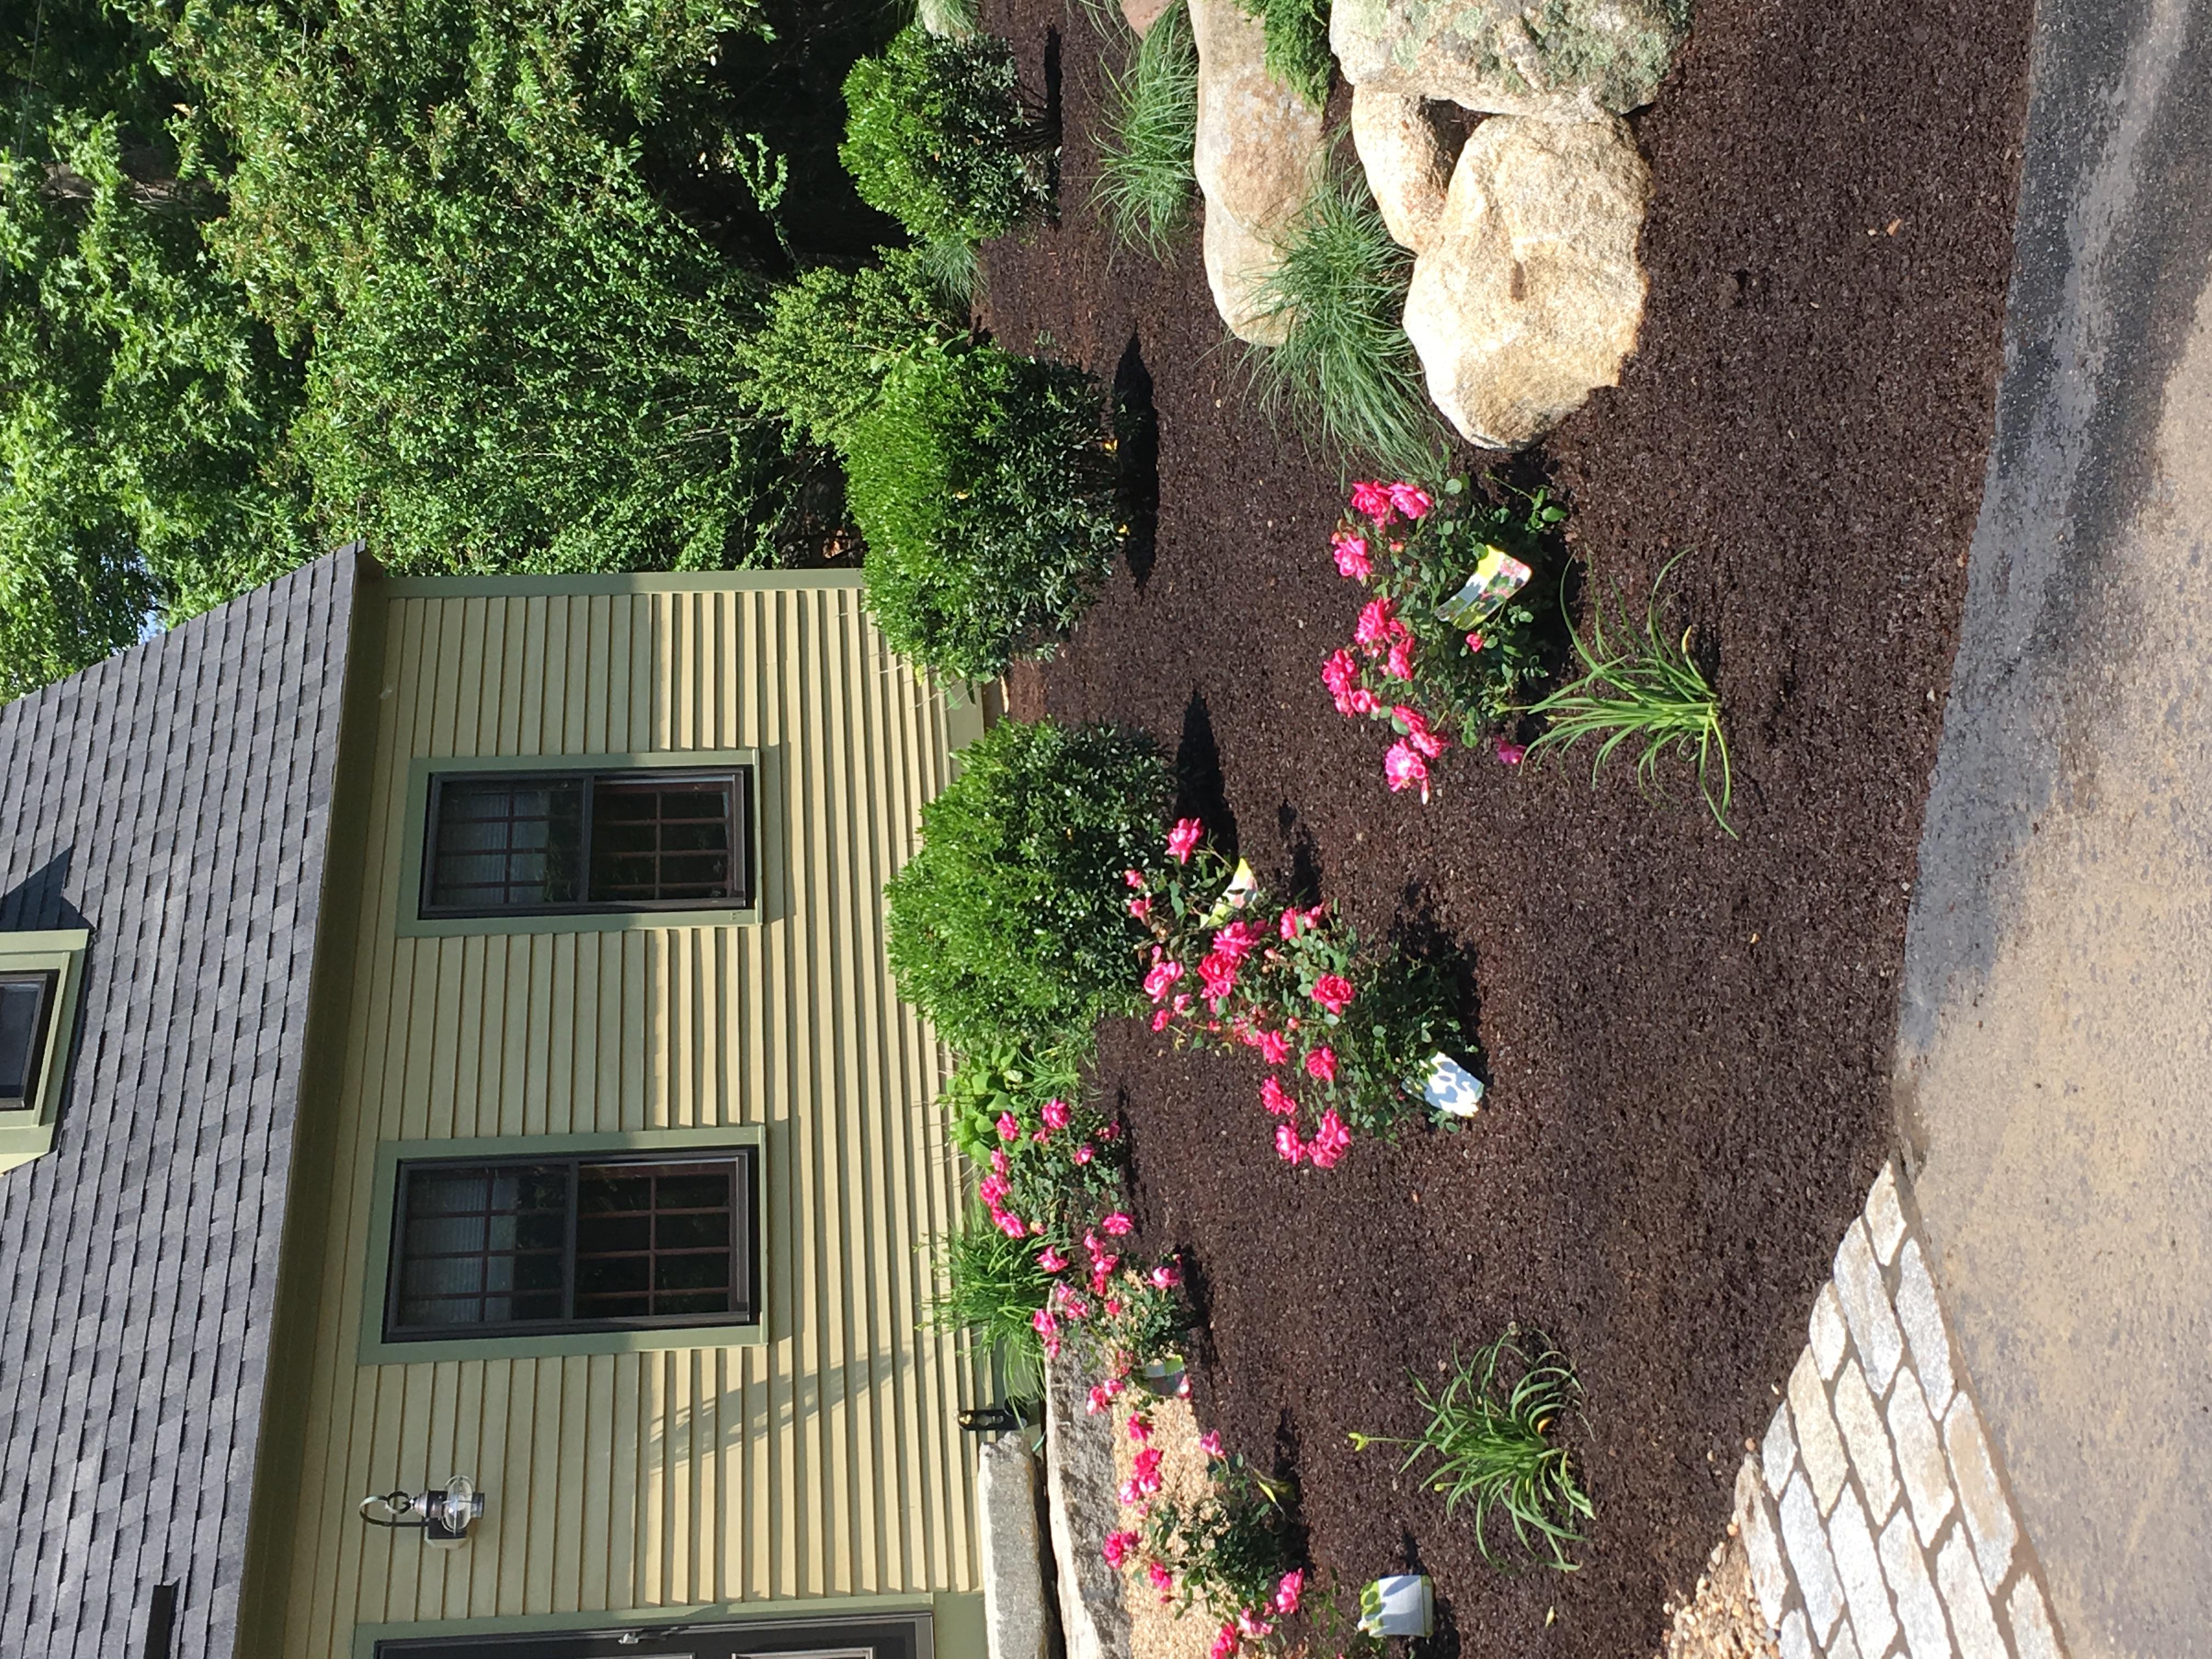 The Rose Garden Entryway